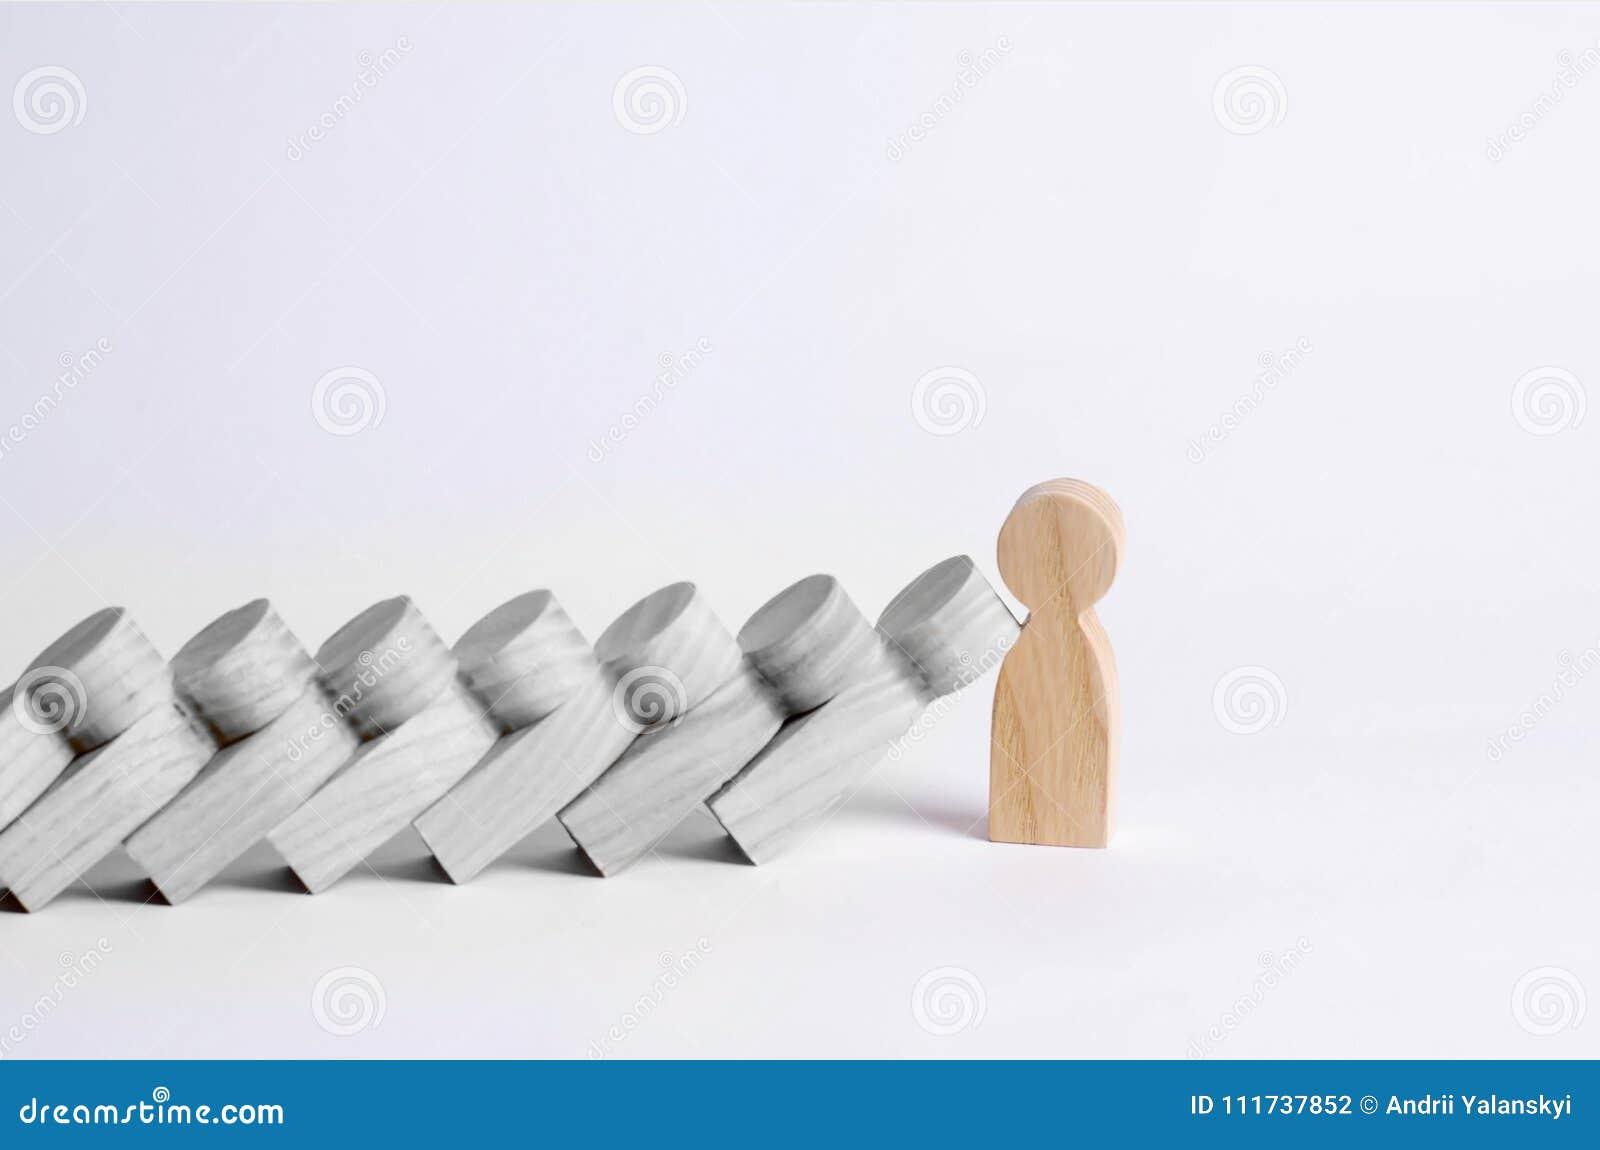 Mann stoppt fallende Dominos Dominos von Leuten fallen auf eine starke Person Das Konzept einer mutigen, starken und entscheidend